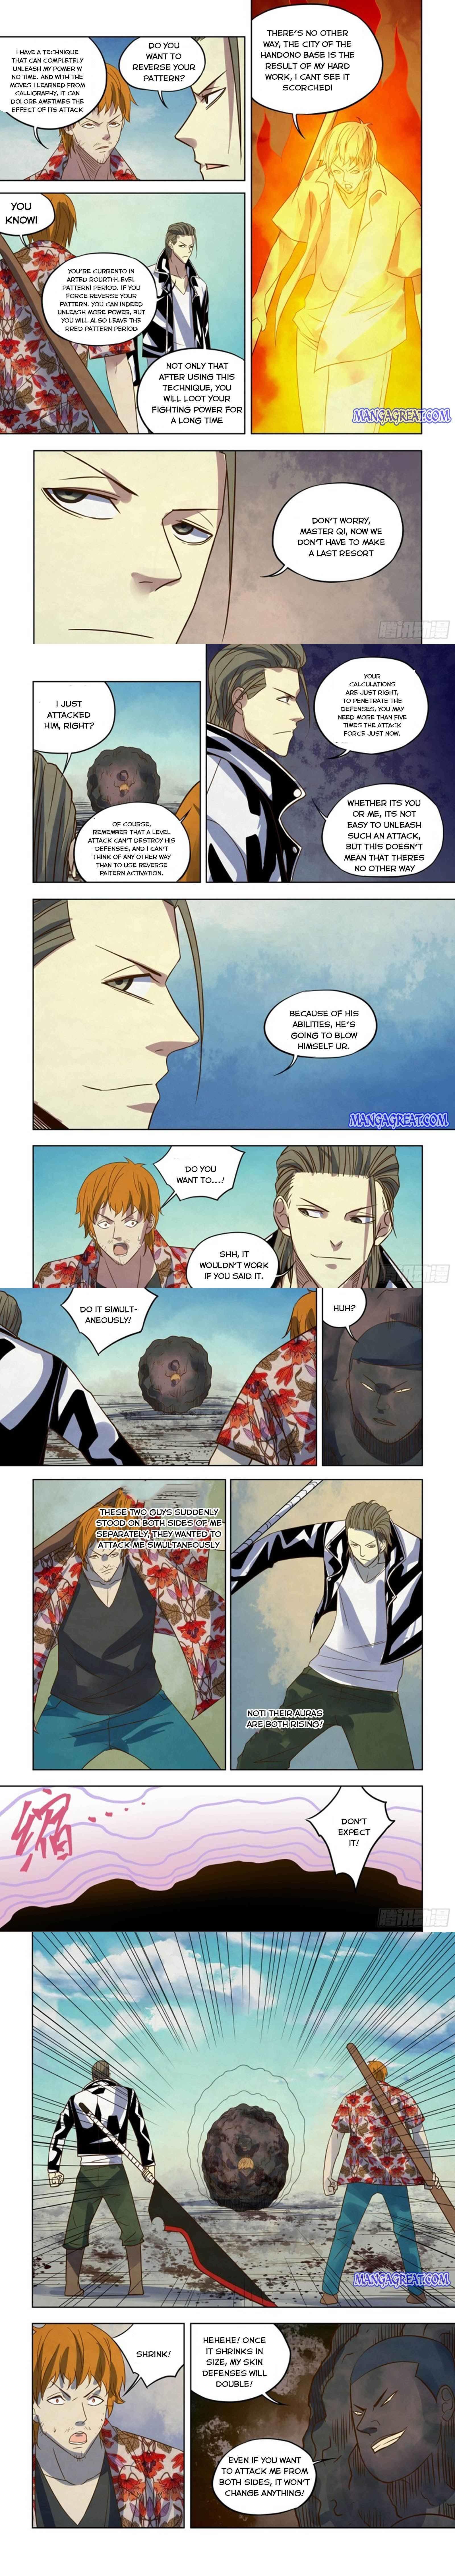 Moshi Fanren Chapter 362 page 2 - Mangakakalots.com